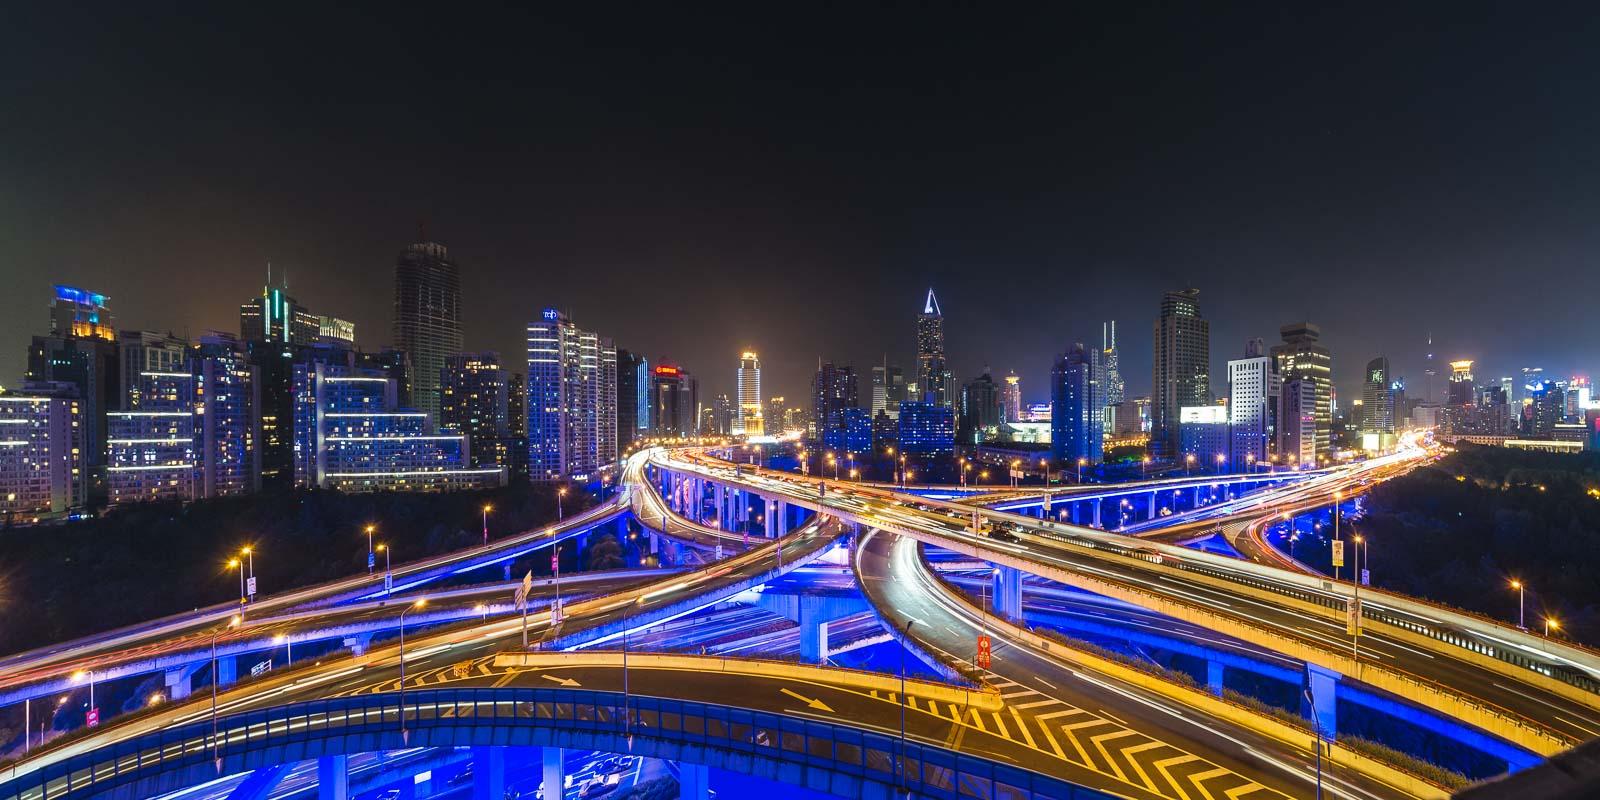 Strassenkreuzung bei Nacht in Shanghai in China – Industriefoto